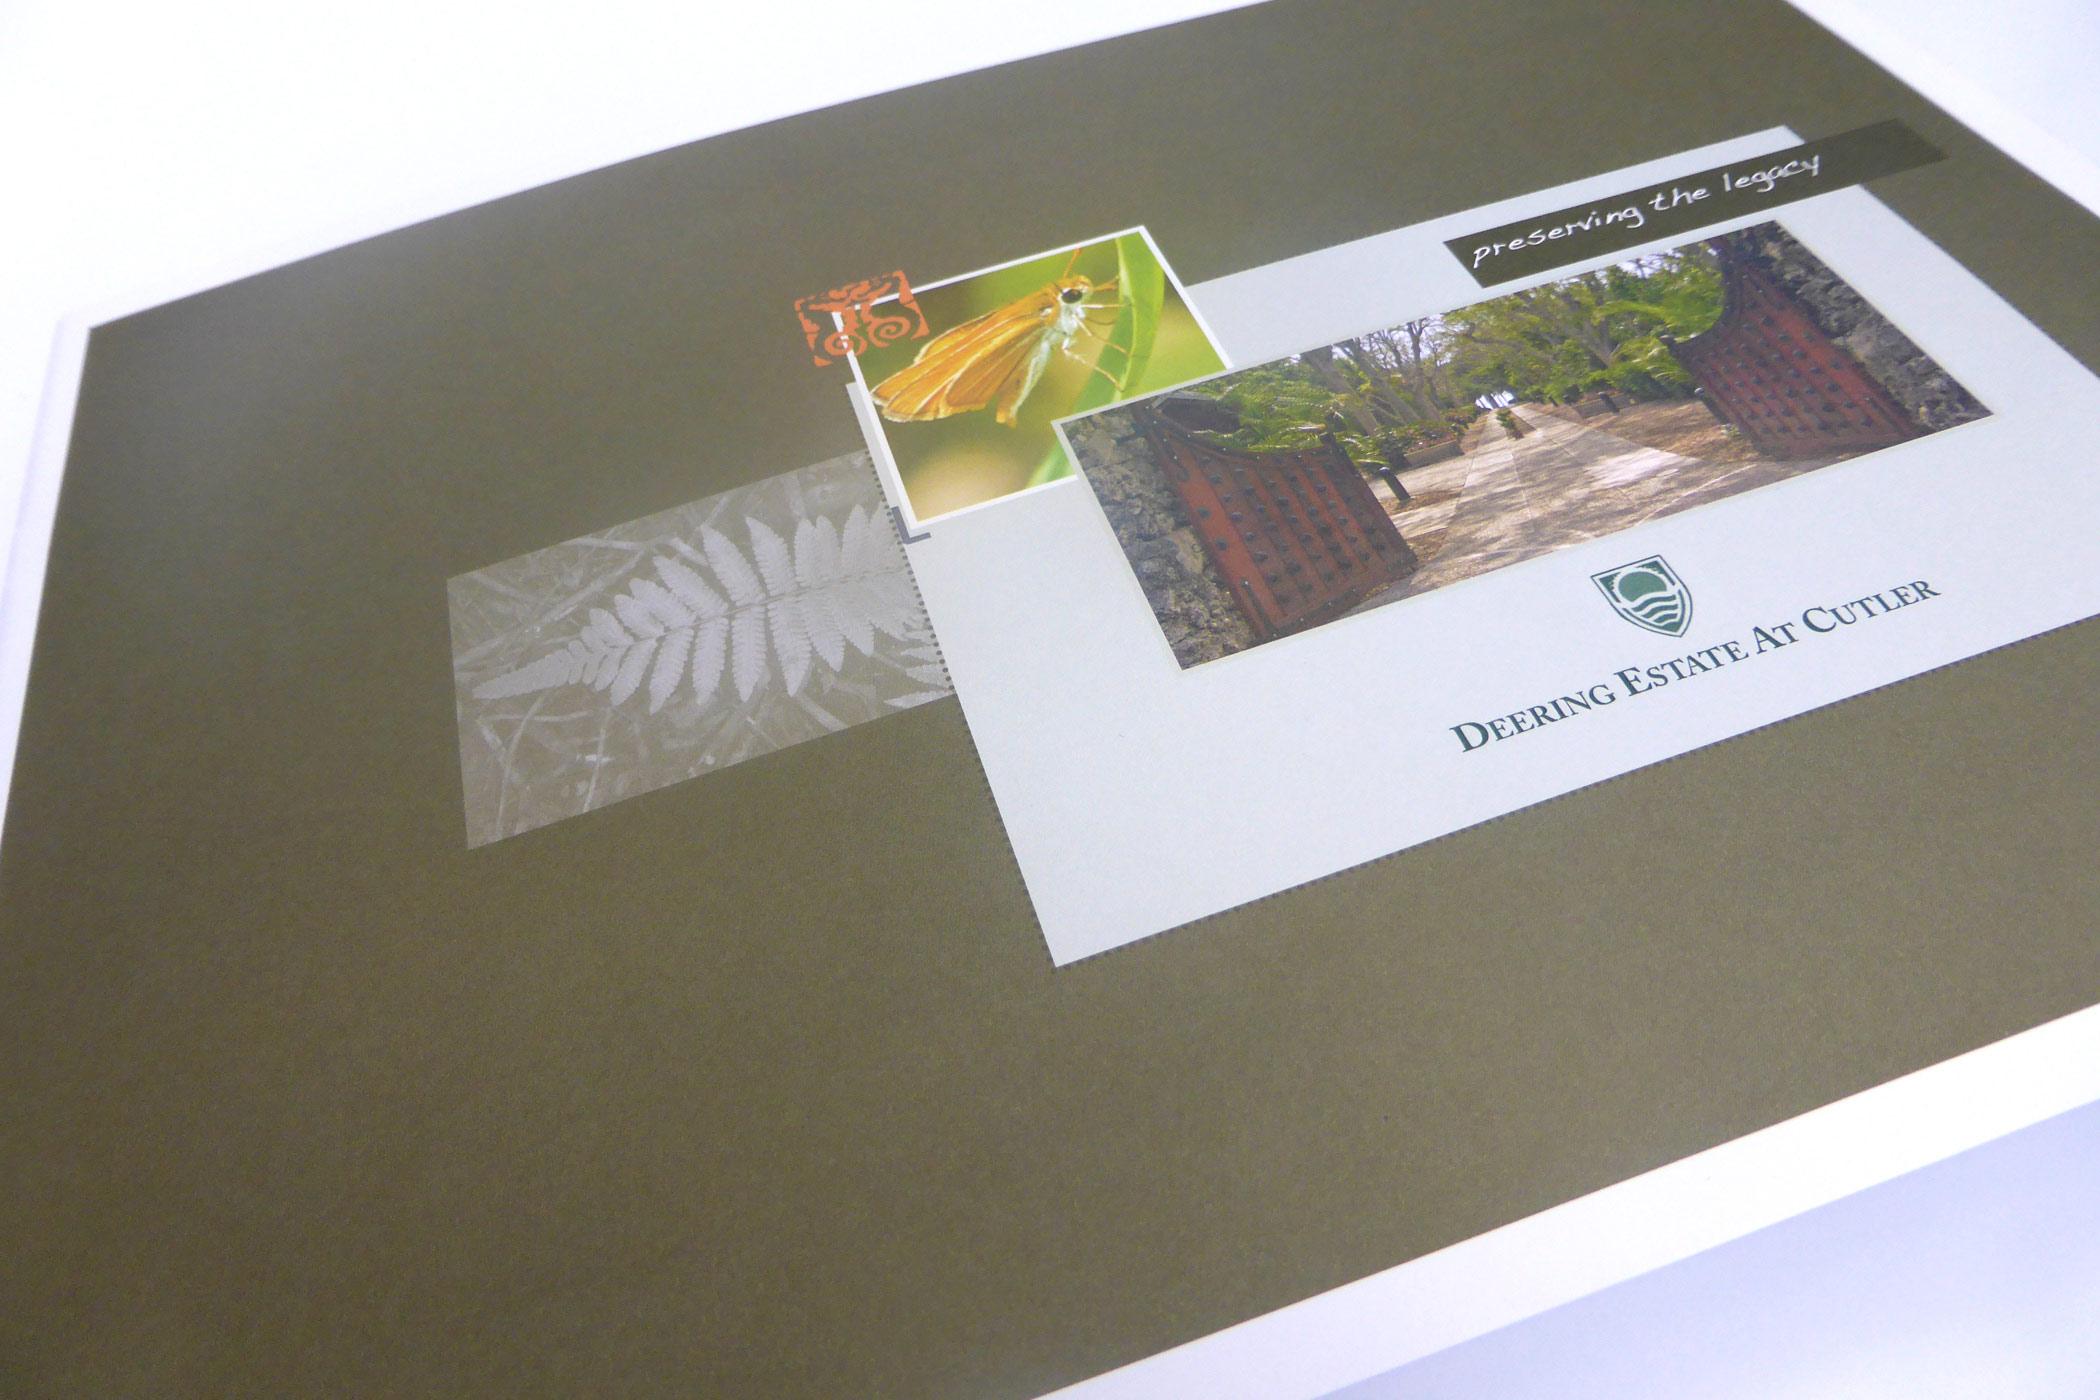 deering annual report design